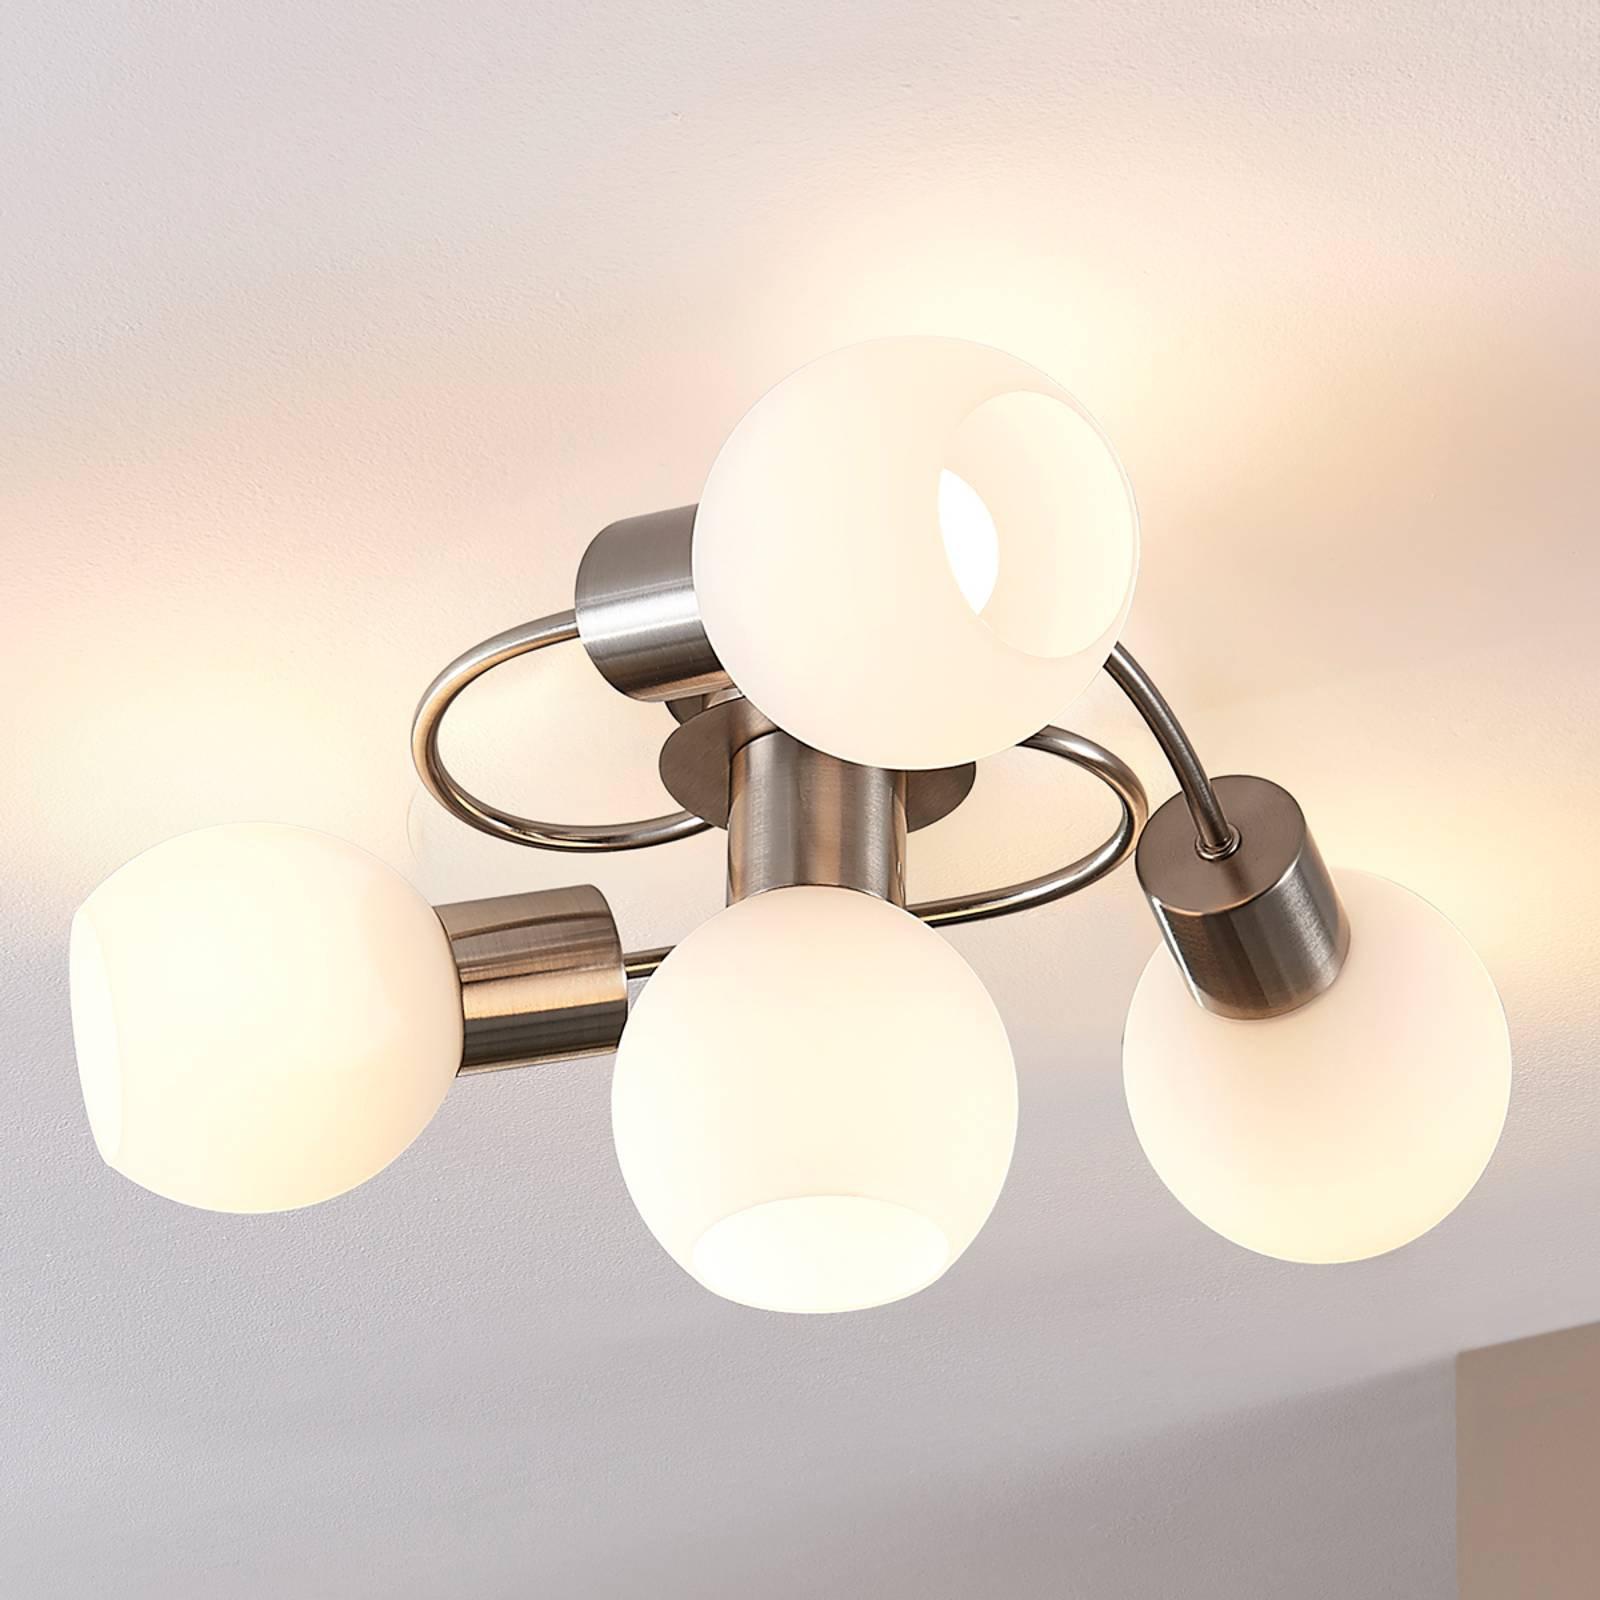 Vakkert utformet LED-taklampe Ciala